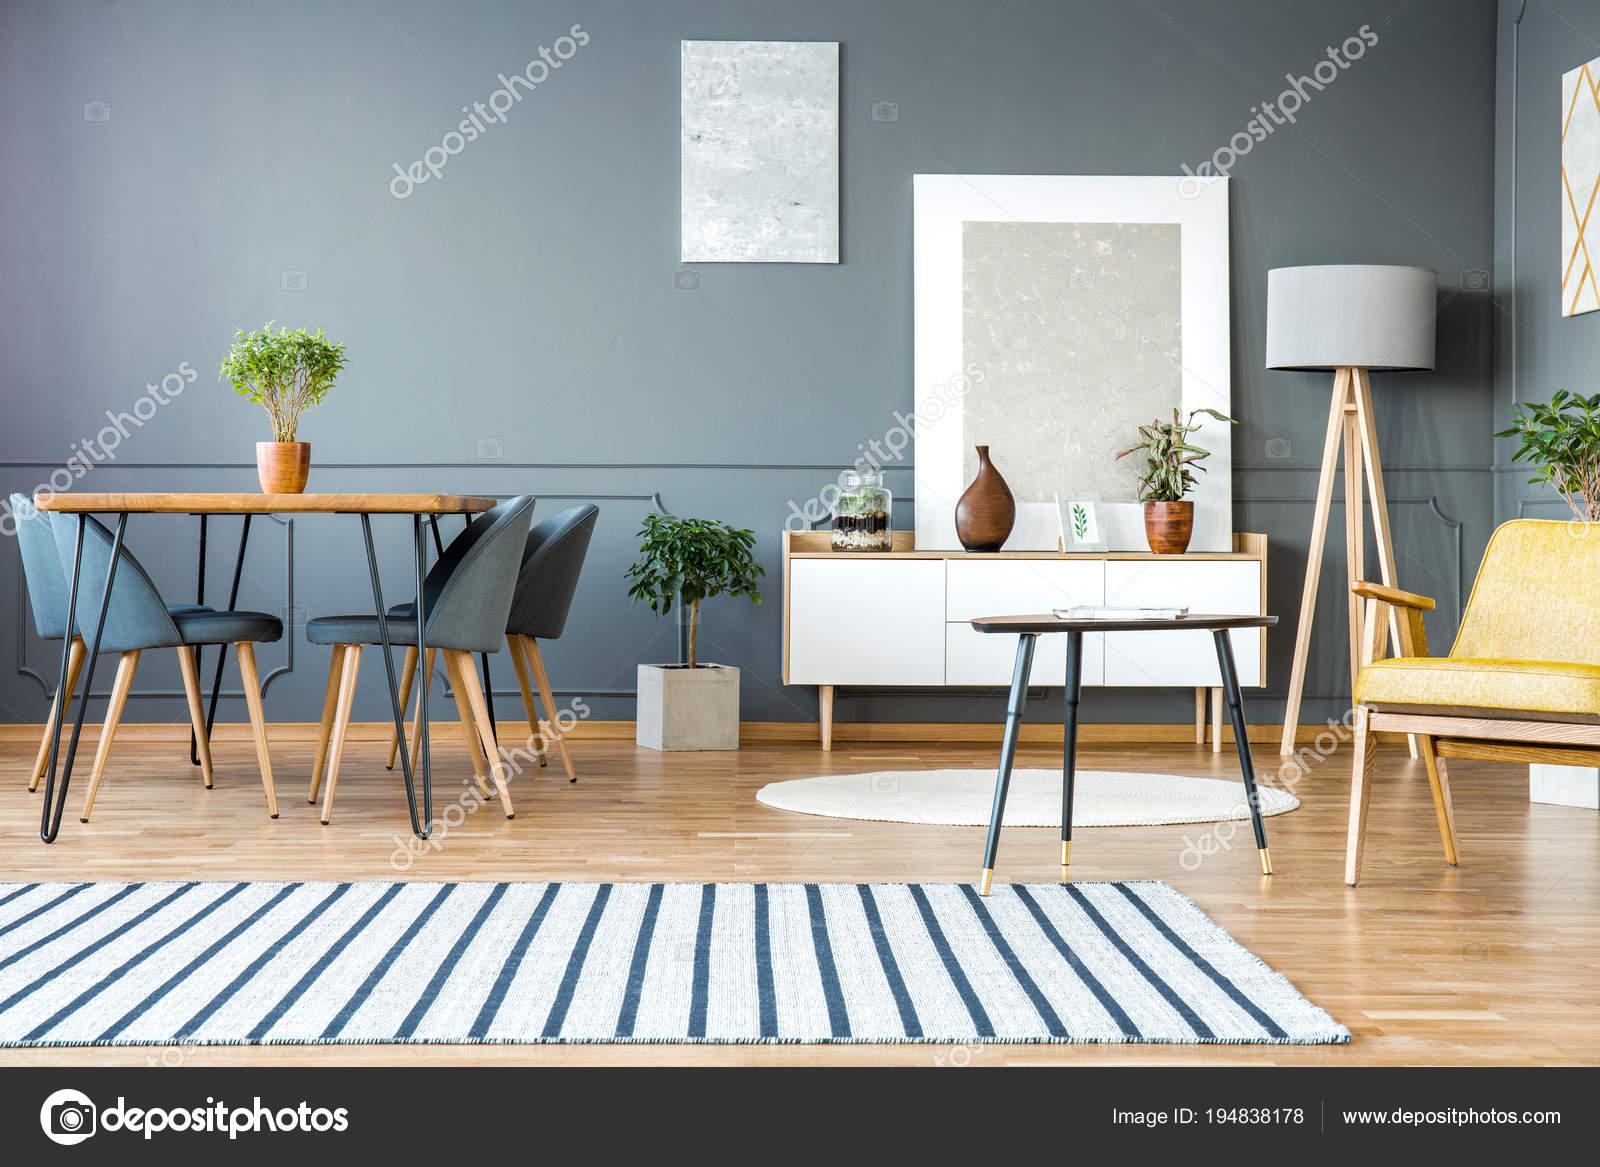 Gestreiften Teppich In Grau Wohnung Interieur Mit Stühle Am Esstisch Und  Gemälde An Der Wand U2014 Foto Von Photographee.eu